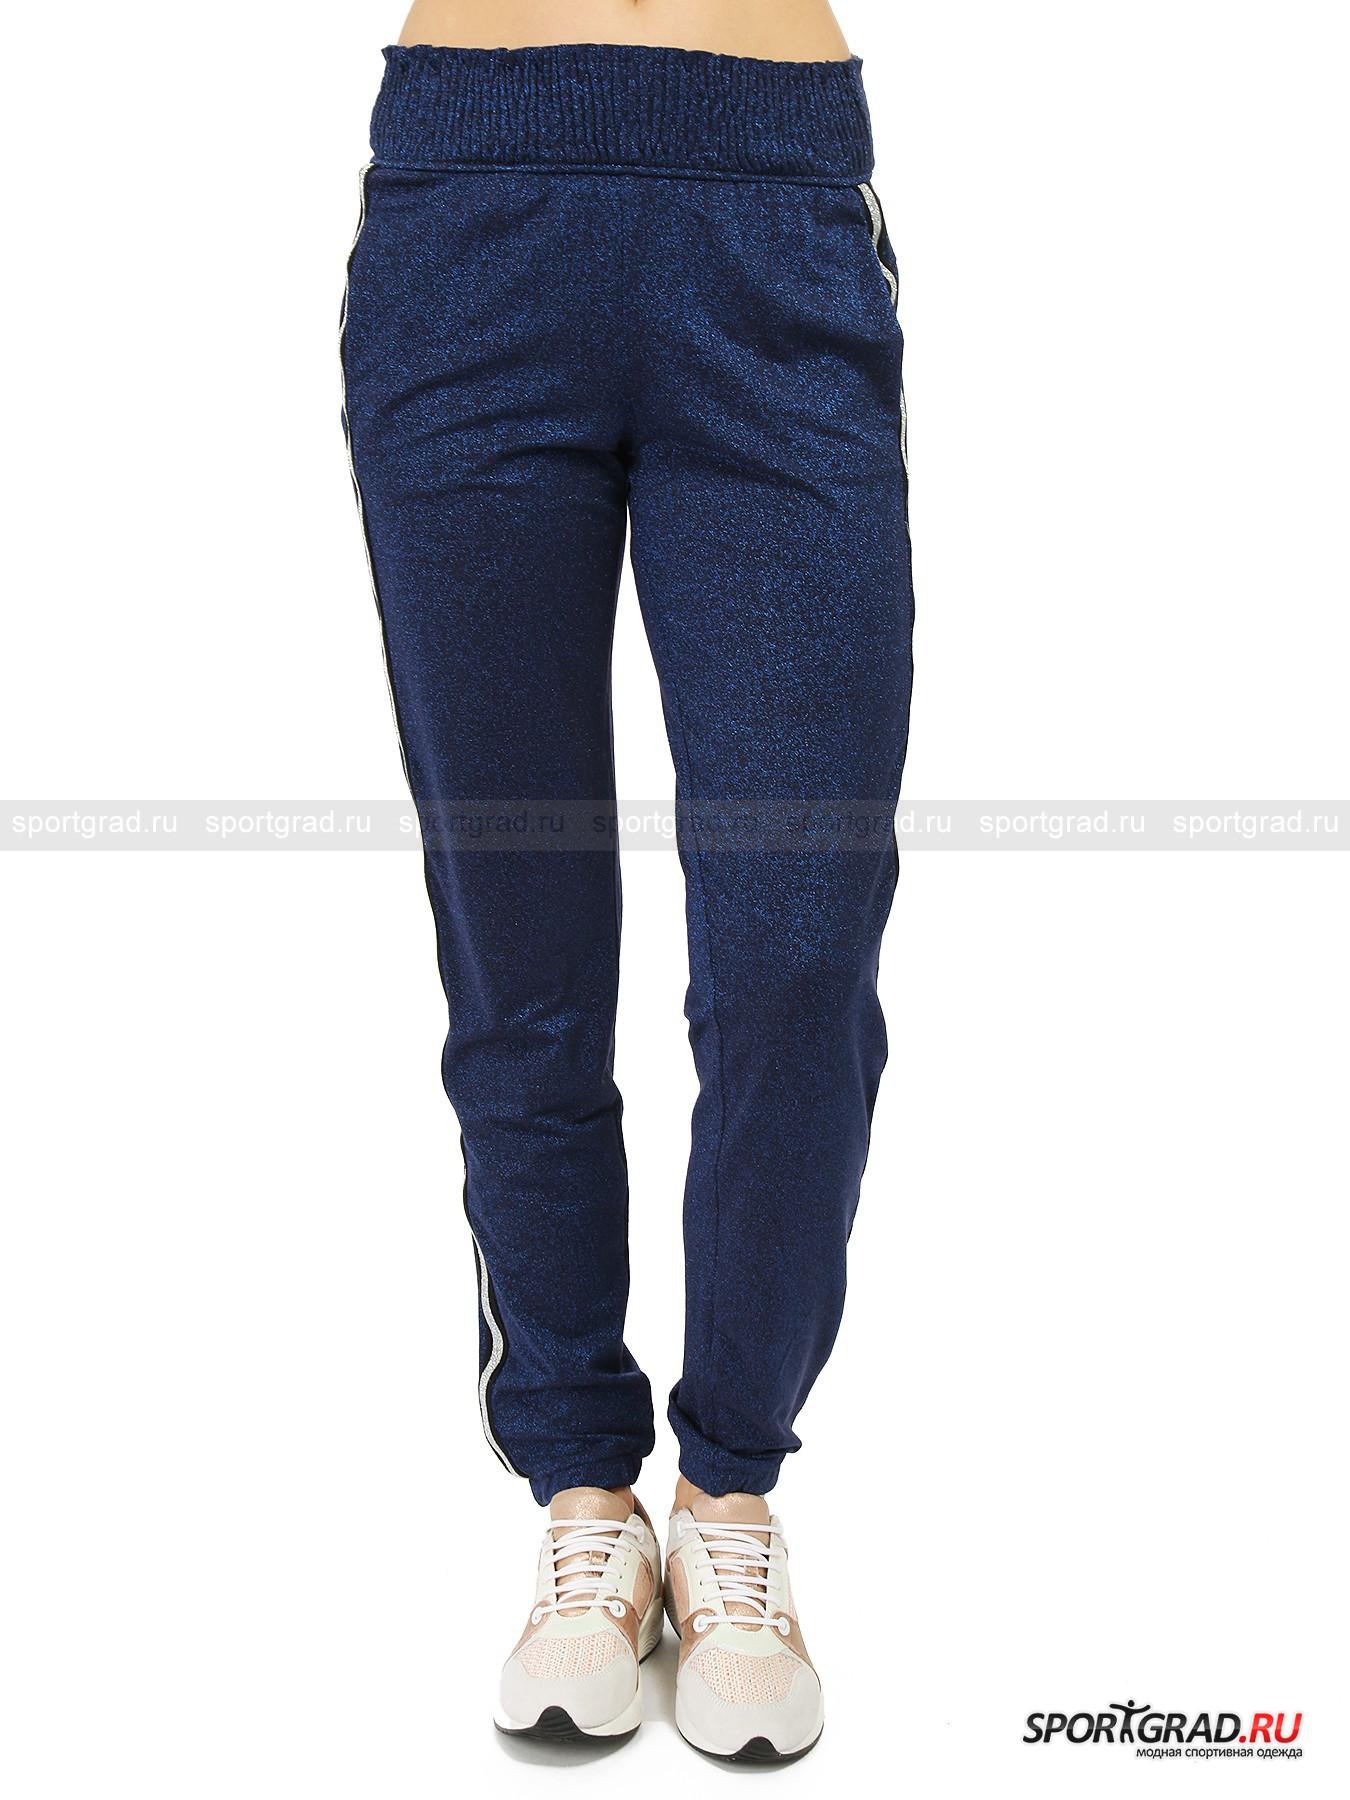 Брюки женские с люрексом Pants DEHAБрюки<br>Одежда итальянского бренда Deha уникальна – марка создает вещи в спортивном стиле, которые часто выглядят столь ярко и нарядно, что в них вполне можно отправиться на вечеринку. Вы точно произведете фурор, появившись на празднике в сияющих брюках, представленных на этой странице, особенно если дополнить их изящными туфлями или босоножками на шпильке.<br><br>Штаны Pants Deha выполнены из ткани с люрексом и будто бы усыпаны маленькими звездочками. Также здесь имеются лампасы из сильно блестящего серебристого материала. Зауженный крой и удобный пояс на резинке довершают картину.<br><br>Пол: Женский<br>Возраст: Взрослый<br>Тип: Брюки<br>Рекомендации по уходу: стирка в теплой воде до 30 С; не отбеливать; гладить слегка нагретым утюгом (температура до 110 C); химическая чистка сухим способом; нельзя выжимать и сушить в стиральной машине<br>Состав: 64% вискоза, 16% полиэстер, 15% полиамид, 5% эластан